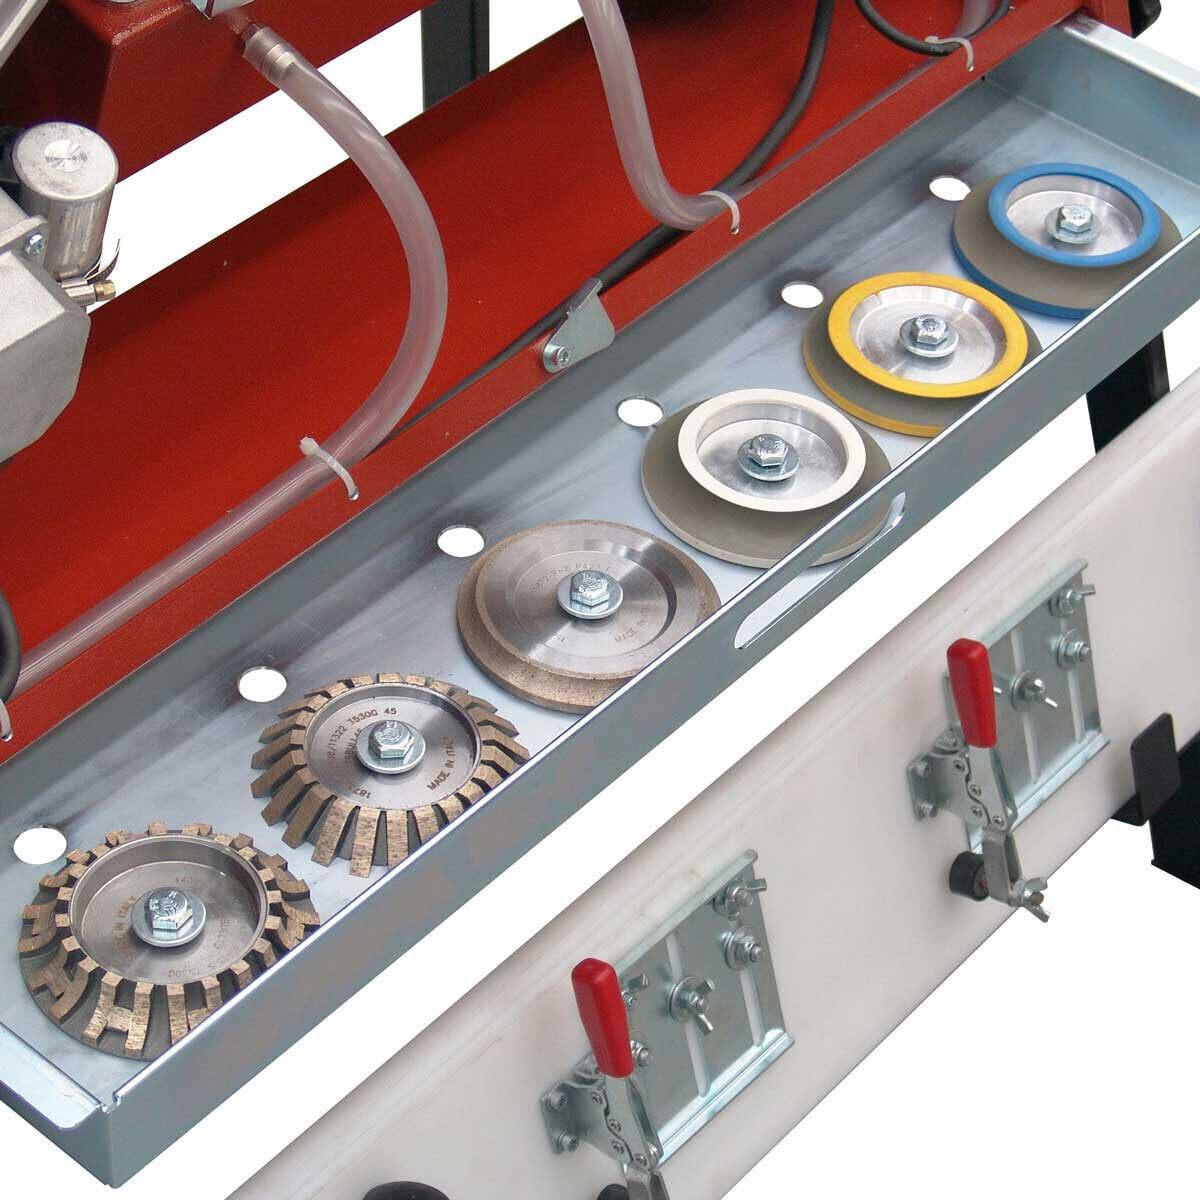 Raimondi Bulldog 6 Step Polishing System